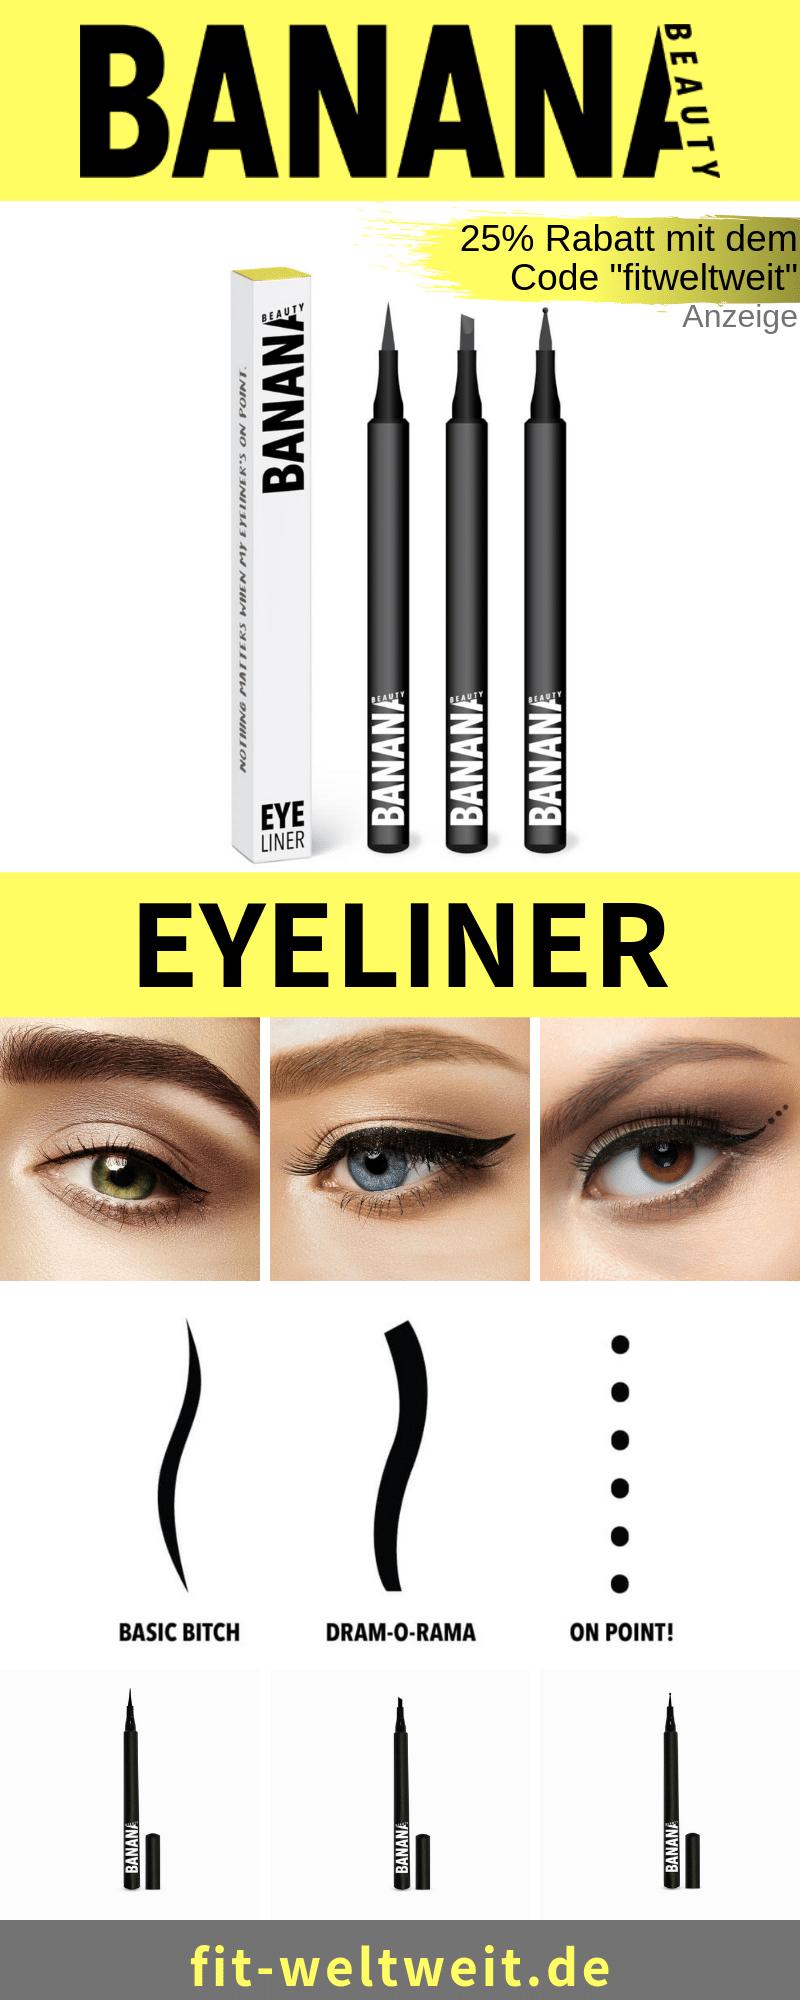 """Neu bei Banana Beauty sinddie Eyelinergibt (Werbung). Klassischen Eyeliner auftragen, im Set 3 verschiedene #Eyeliner Arten. Derperfekte Augenschwung. Schwarz, matte und hält bis zu 24 Stunden, verschmiert nicht. Eyeliner Basic Bitch ist elegant,Drama-O-Rama sexy, für ein richtiges Cat-Eye und mit dem On Point! fürpunktuell Akzente. 25% Rabatt mit dem Code """"fitweltweit"""". #Augen #MakeUp"""